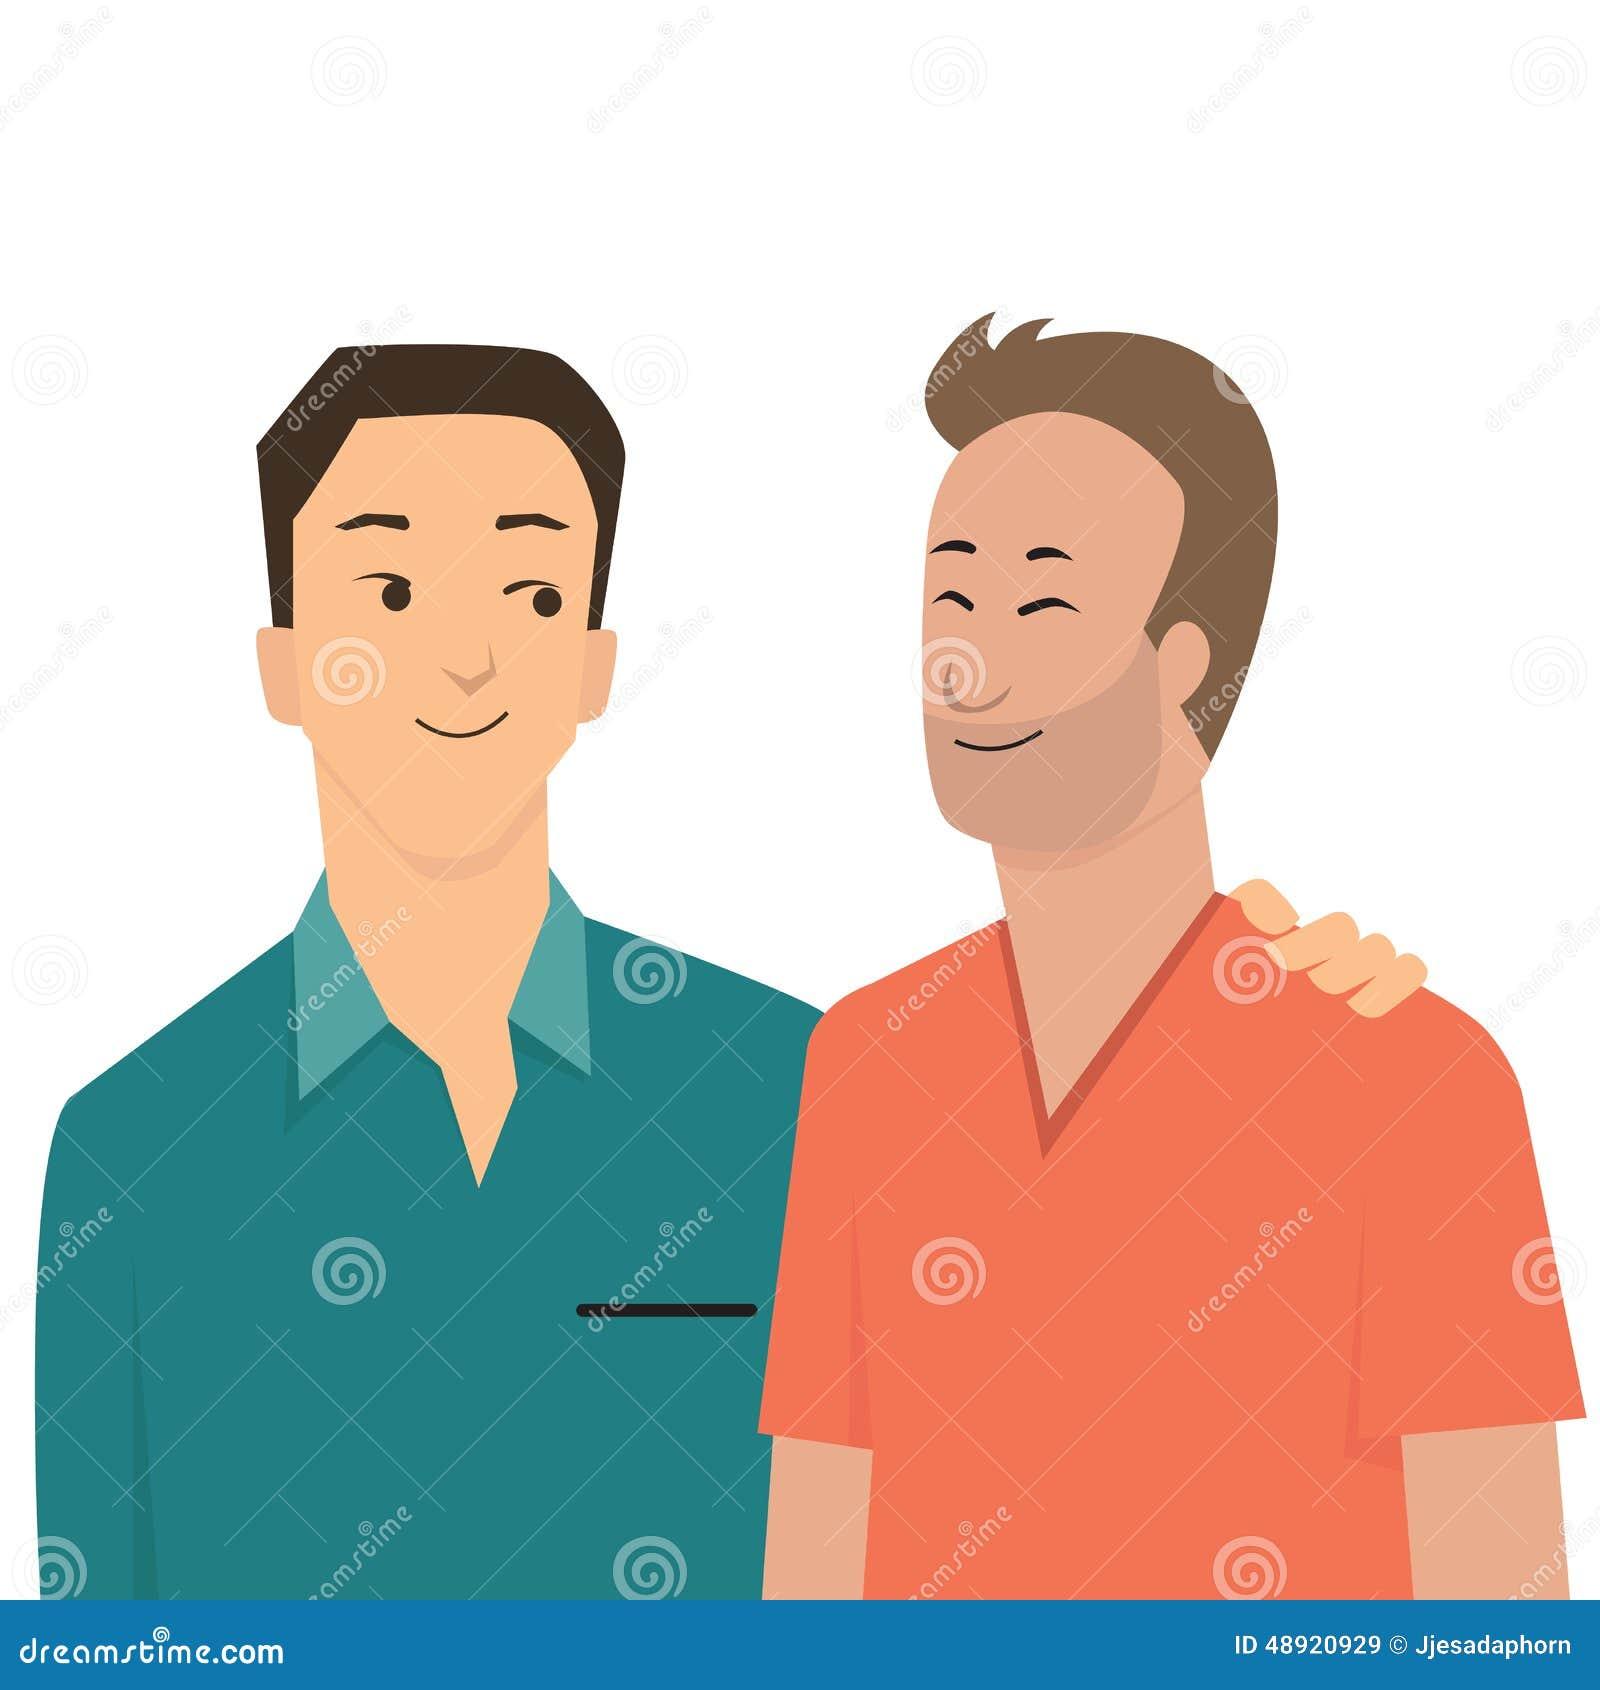 Love Each Other Cartoon: Gay Couple Stock Vector